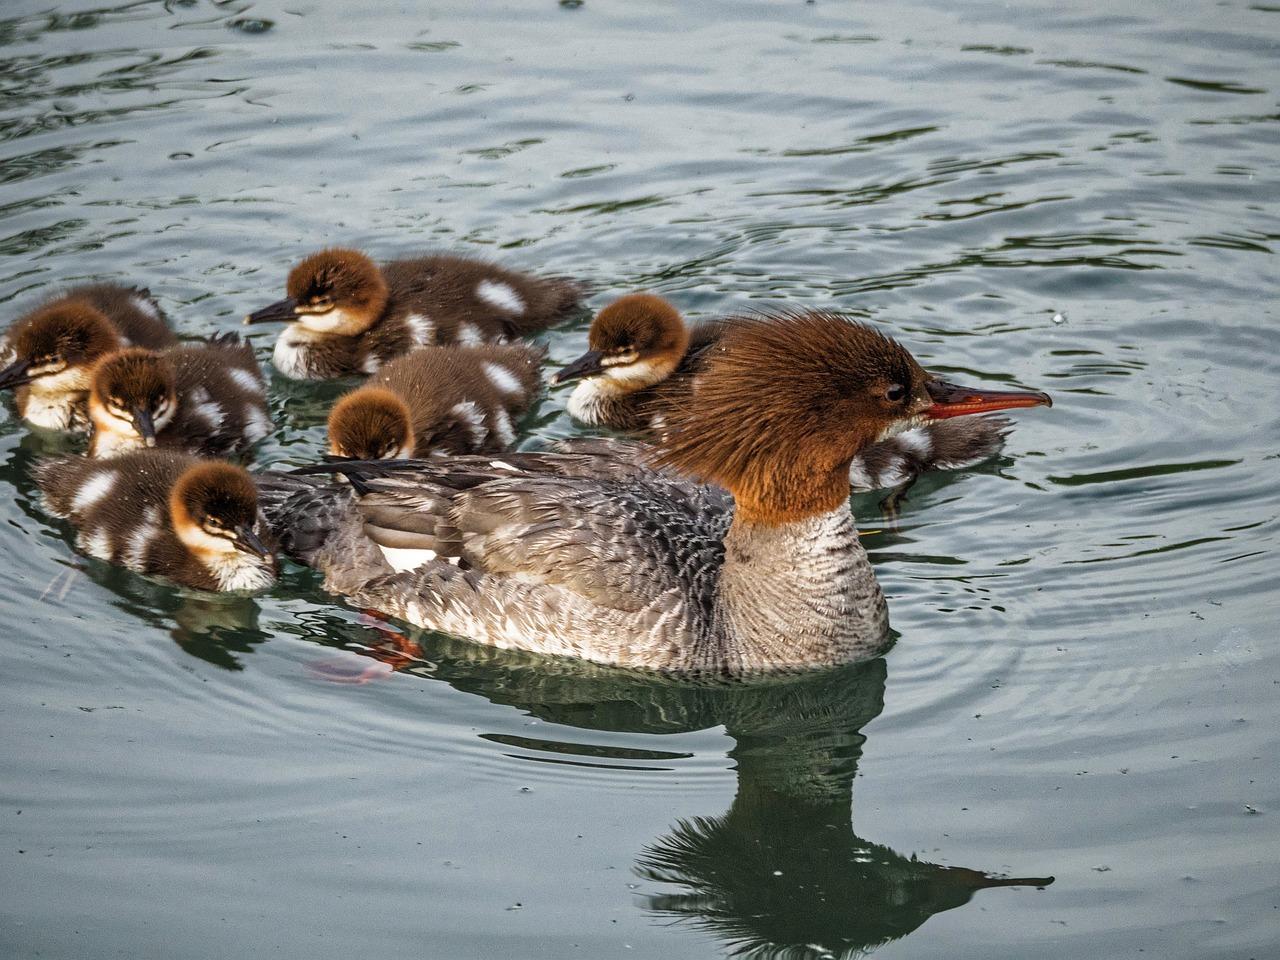 鸭子,婴儿鸭,在一行中鸭,婴儿,可爱,水,小鸭,鸟嘴,浮动,家庭,动物,鸟,年轻,自然,野生动物,野生,羽毛,多彩,可爱的动物,动物宝宝